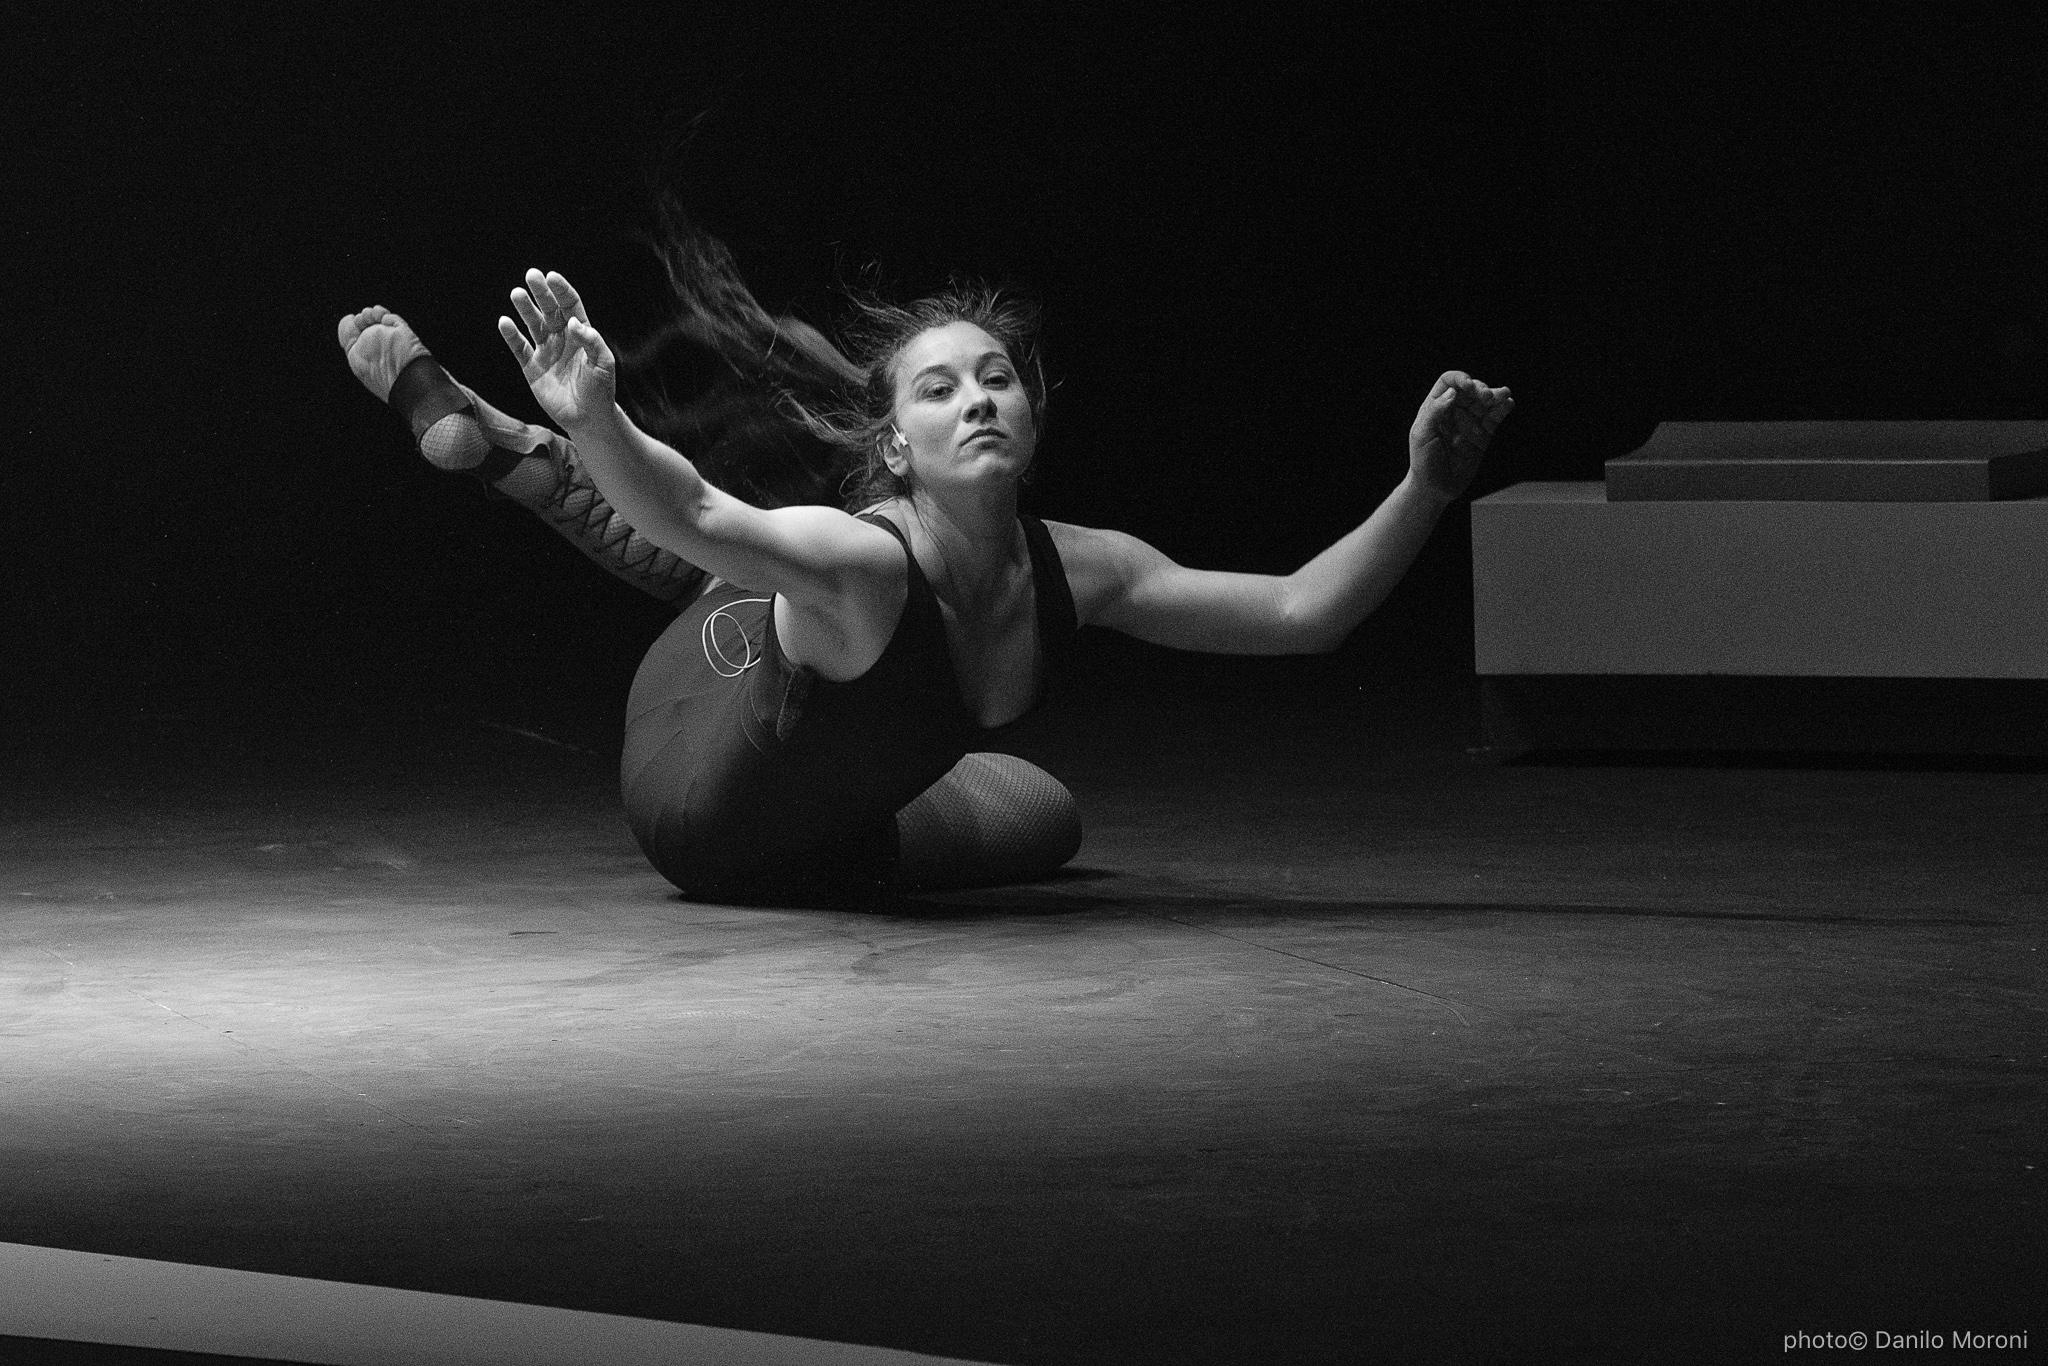 Teatro-en-vilo-Circo-Price-Miss-Mara-photo-Danilo-Moroni-348.jpg